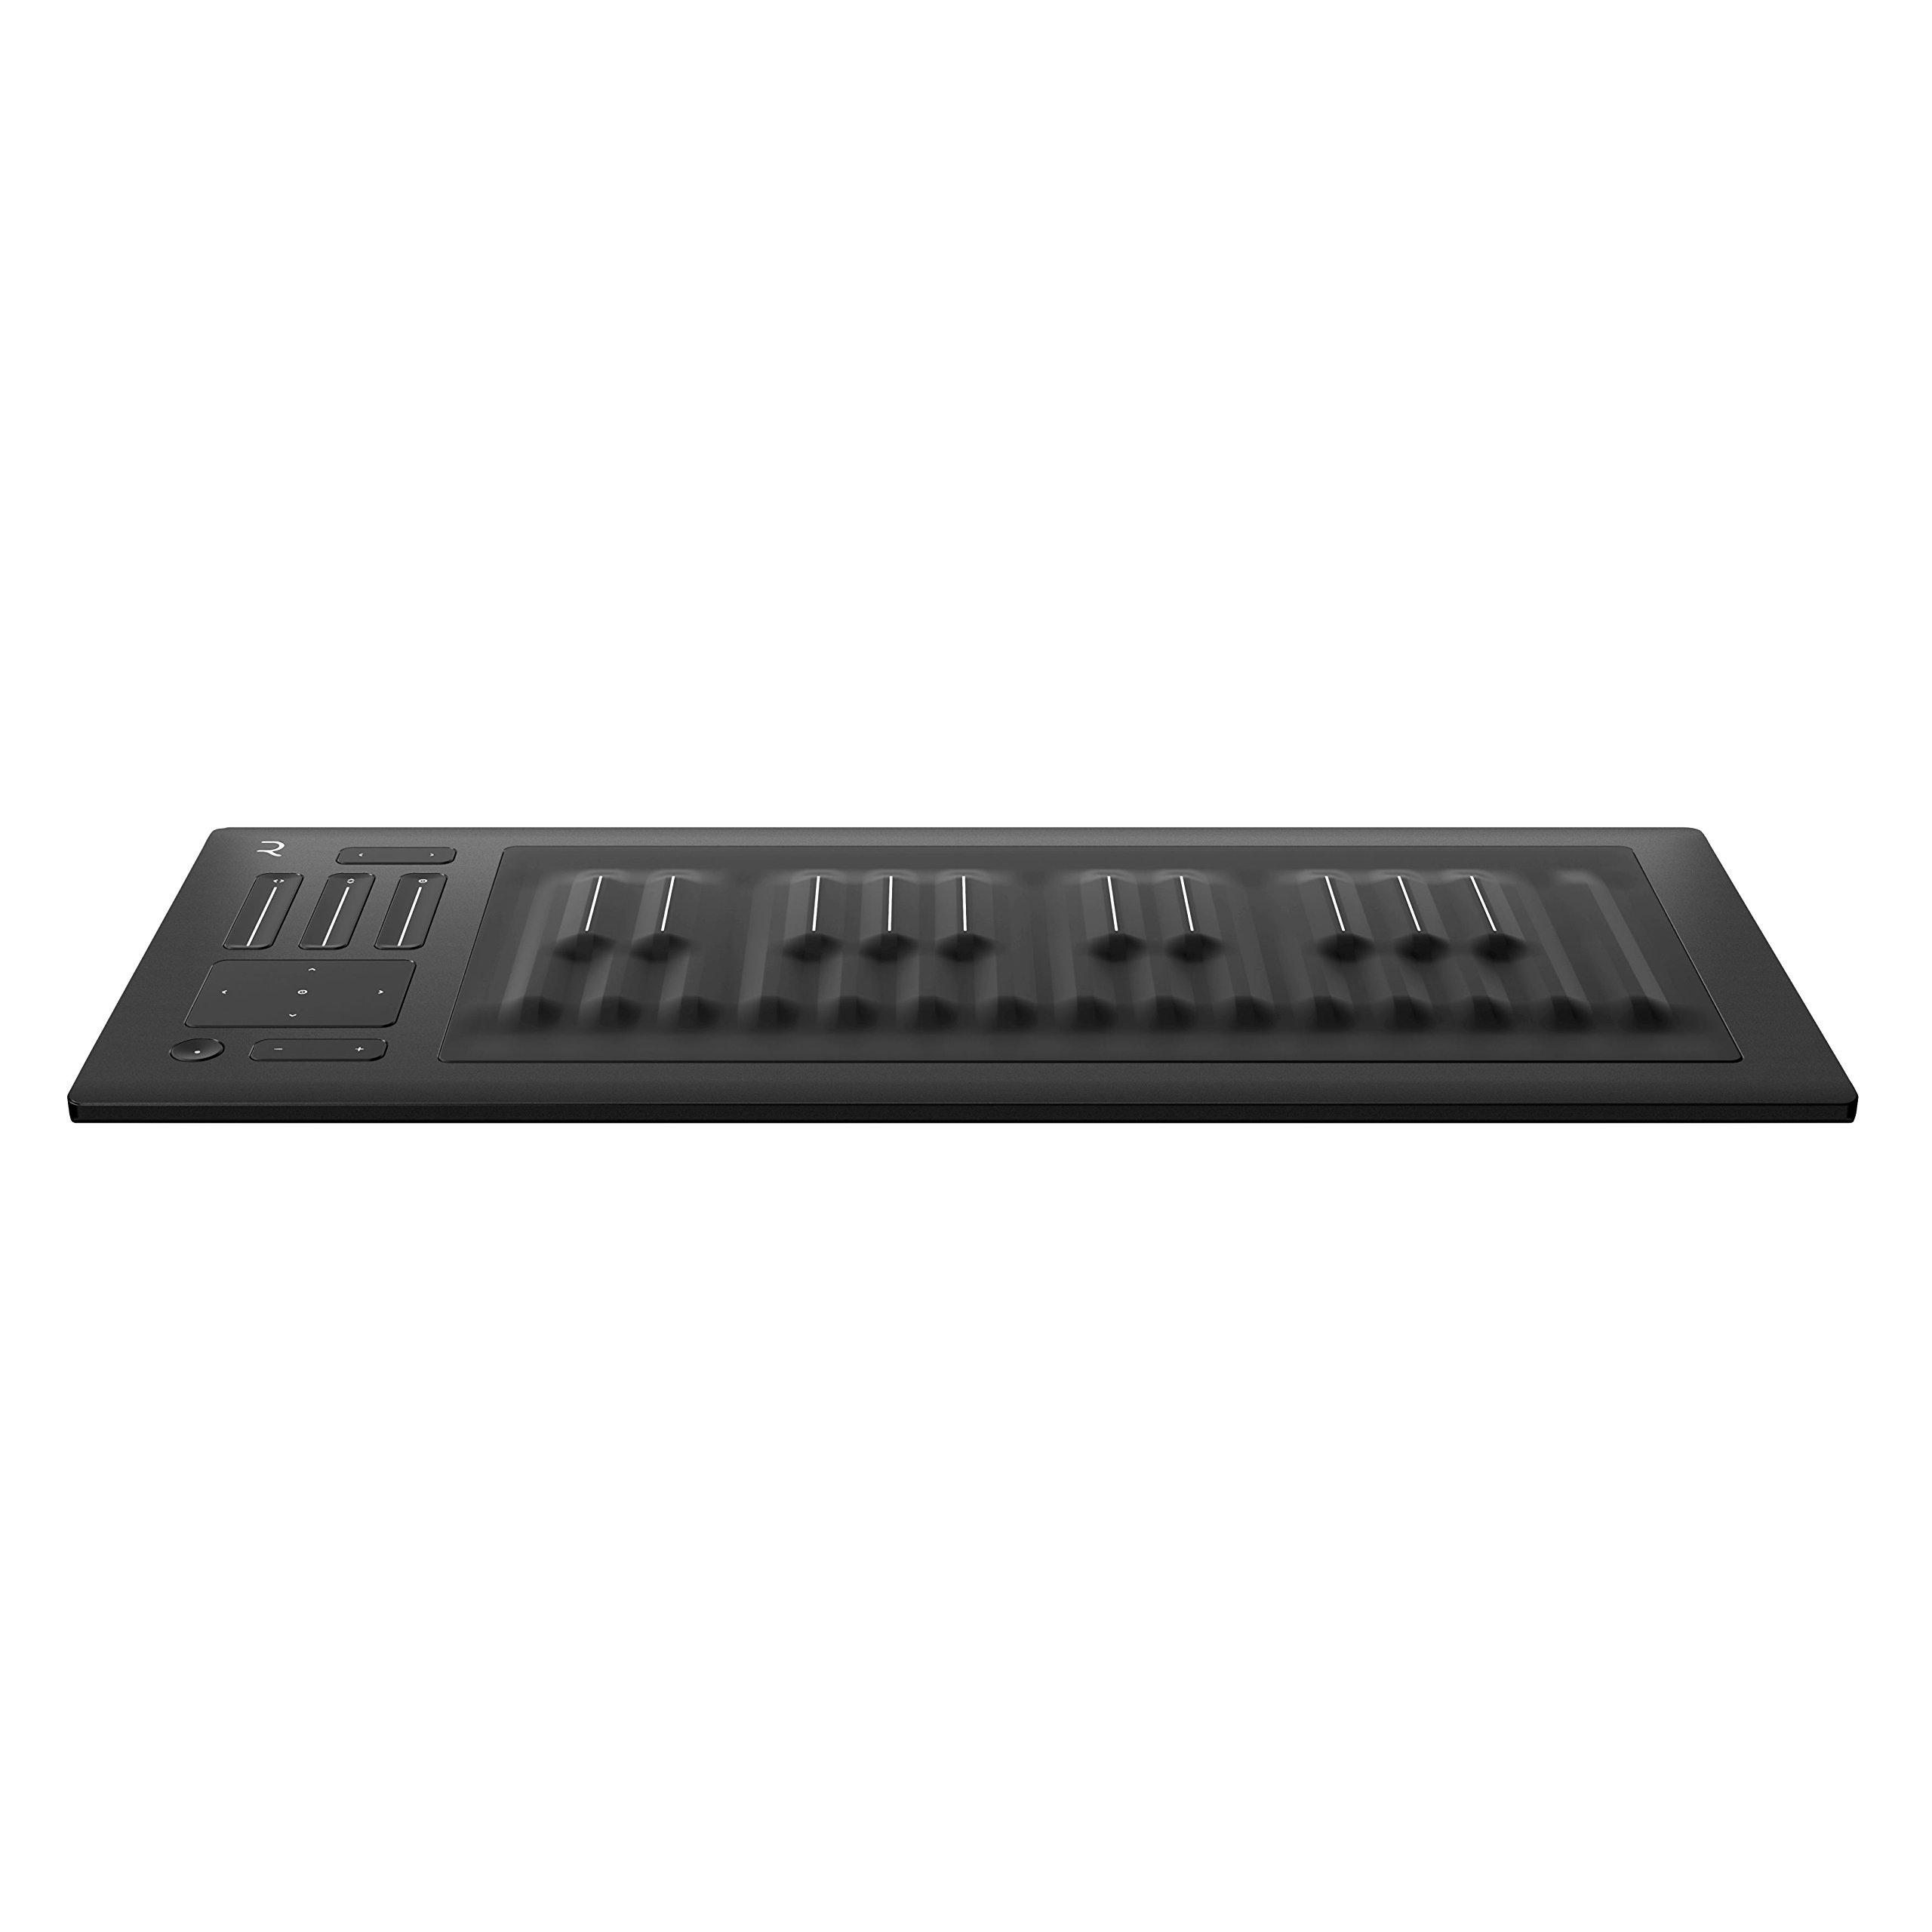 ROLI Seaboard Rise 25 25 Key Keyboard Controller by ROLI (Image #2)